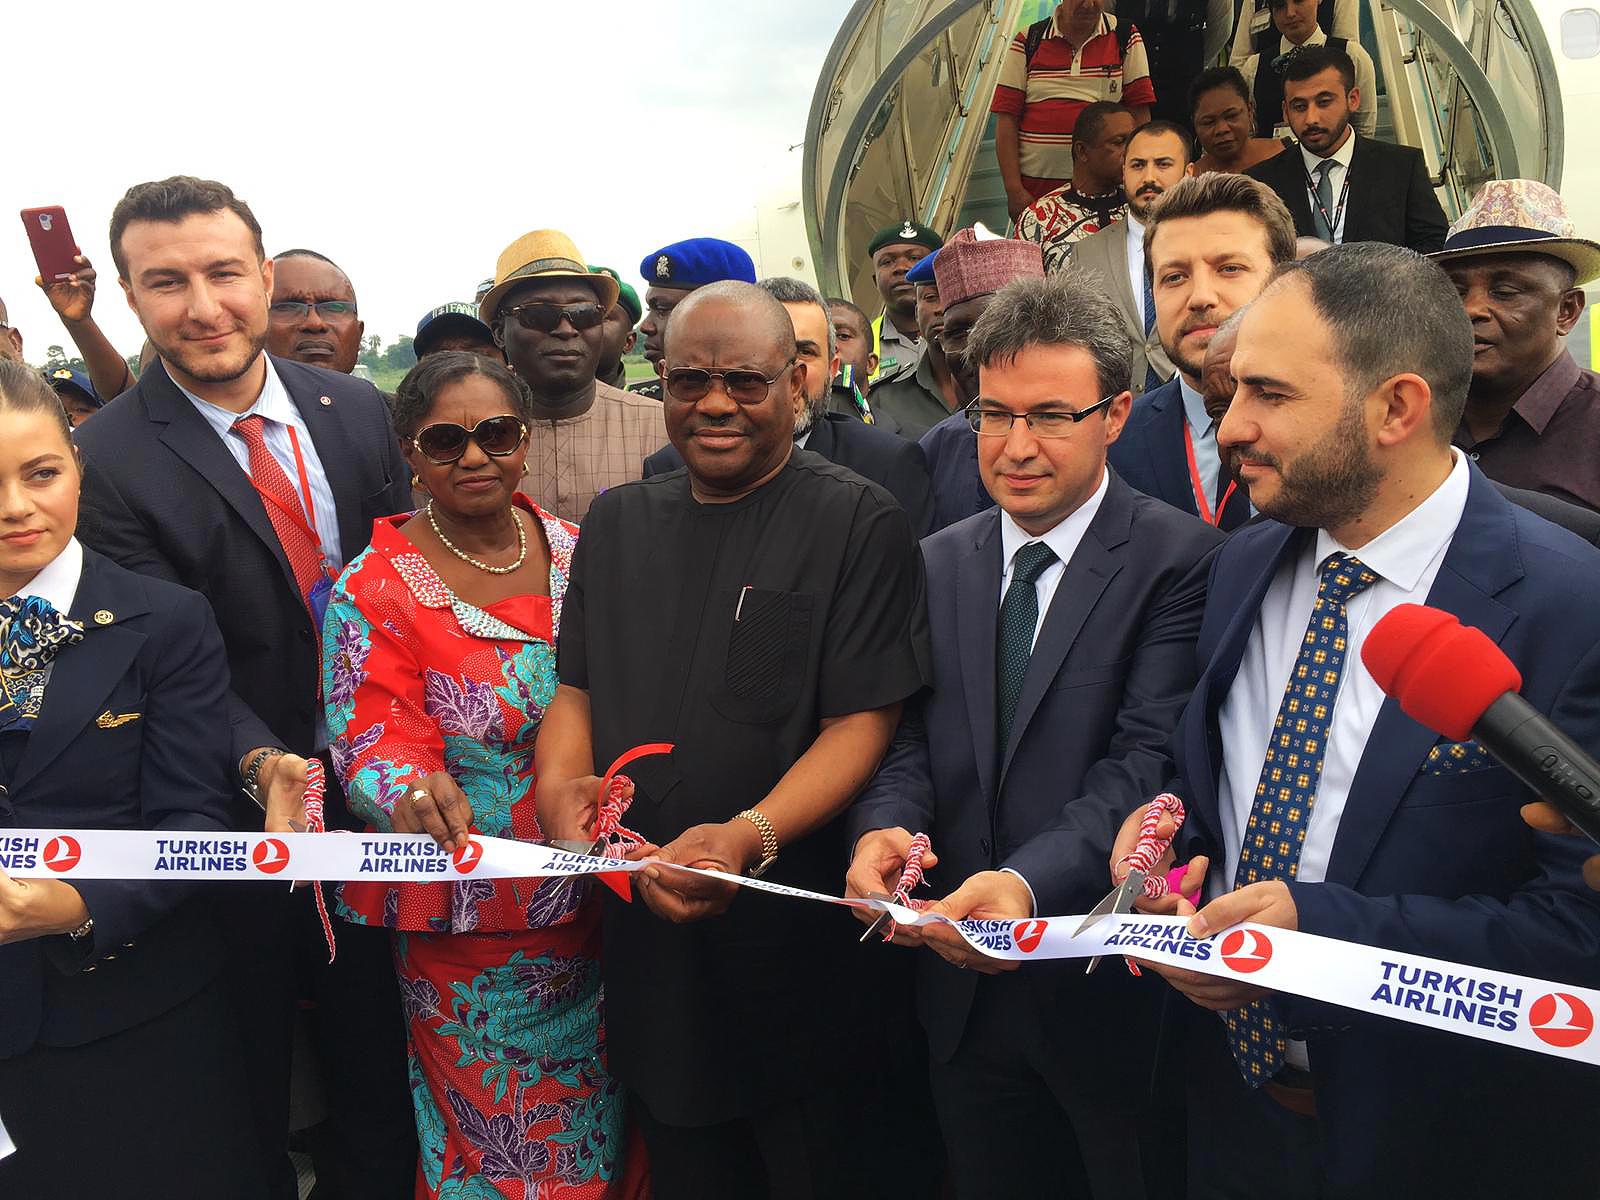 טורקיש מתחזקת בניגריה